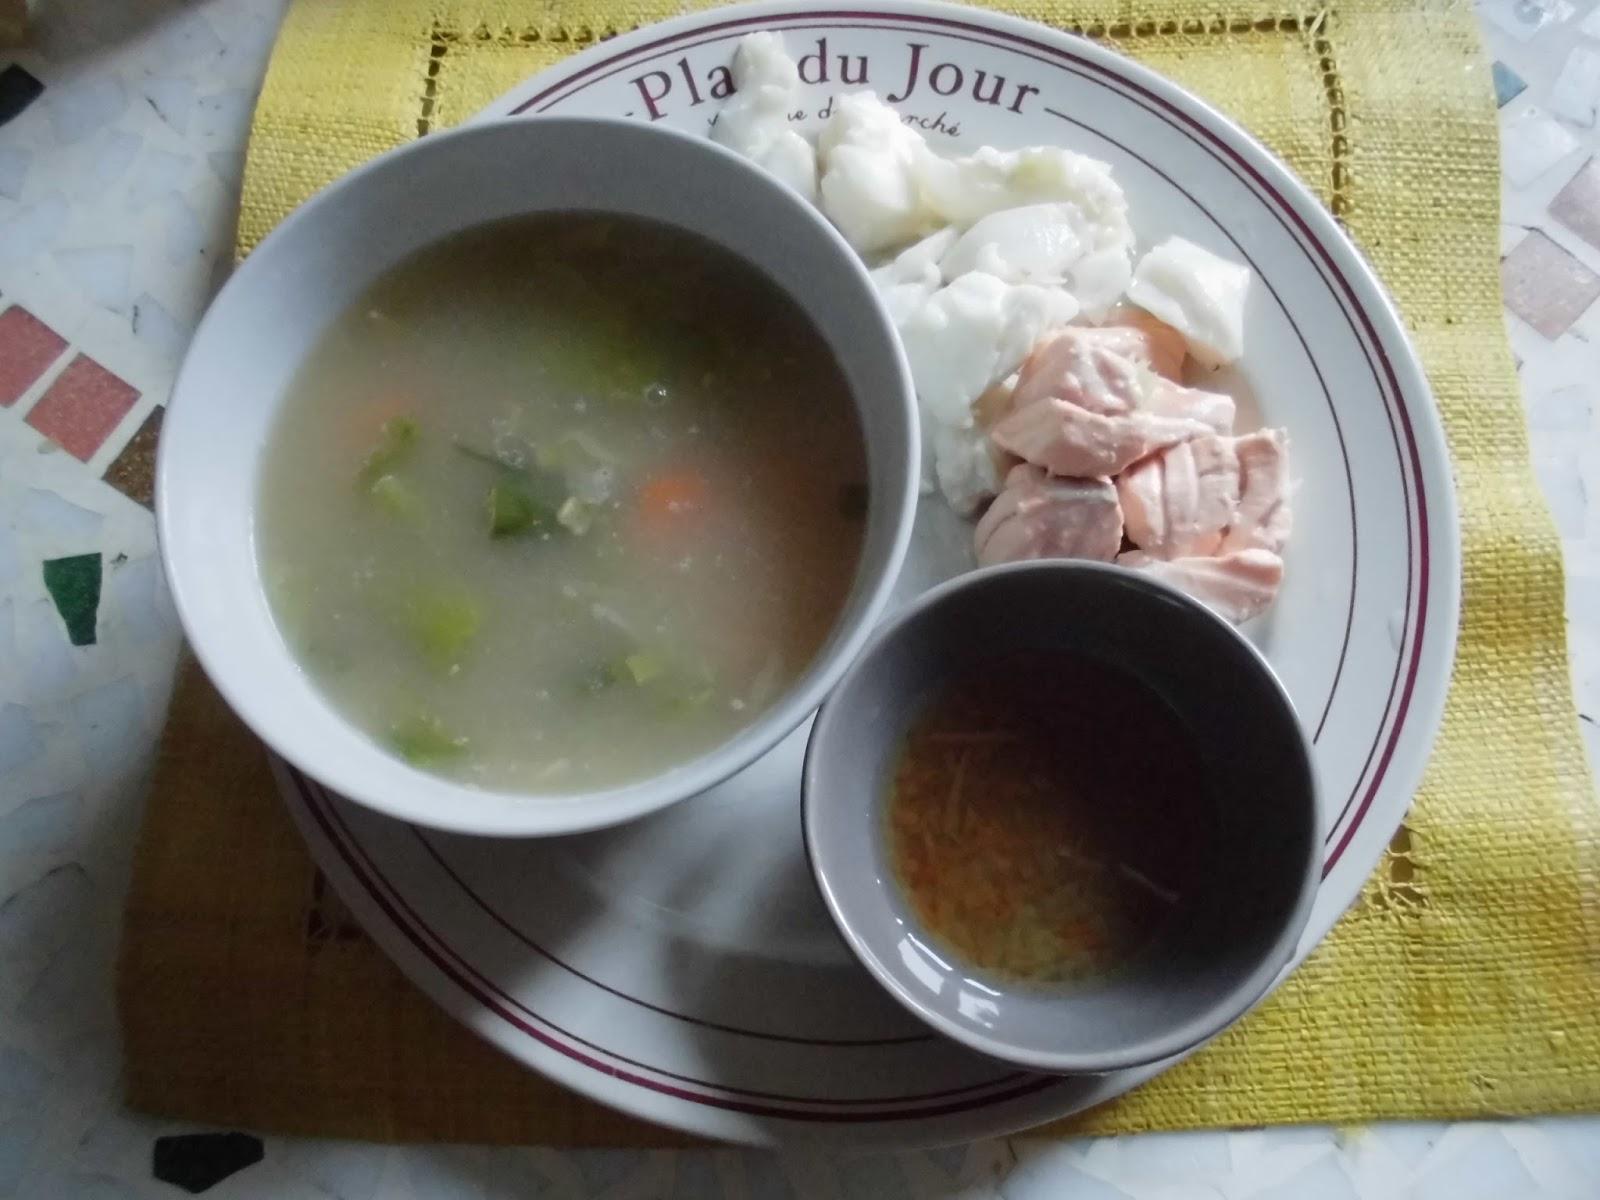 Recettes de cuisine apr s une gastroplastie bypass sleeve - Soupe miso ingredient ...